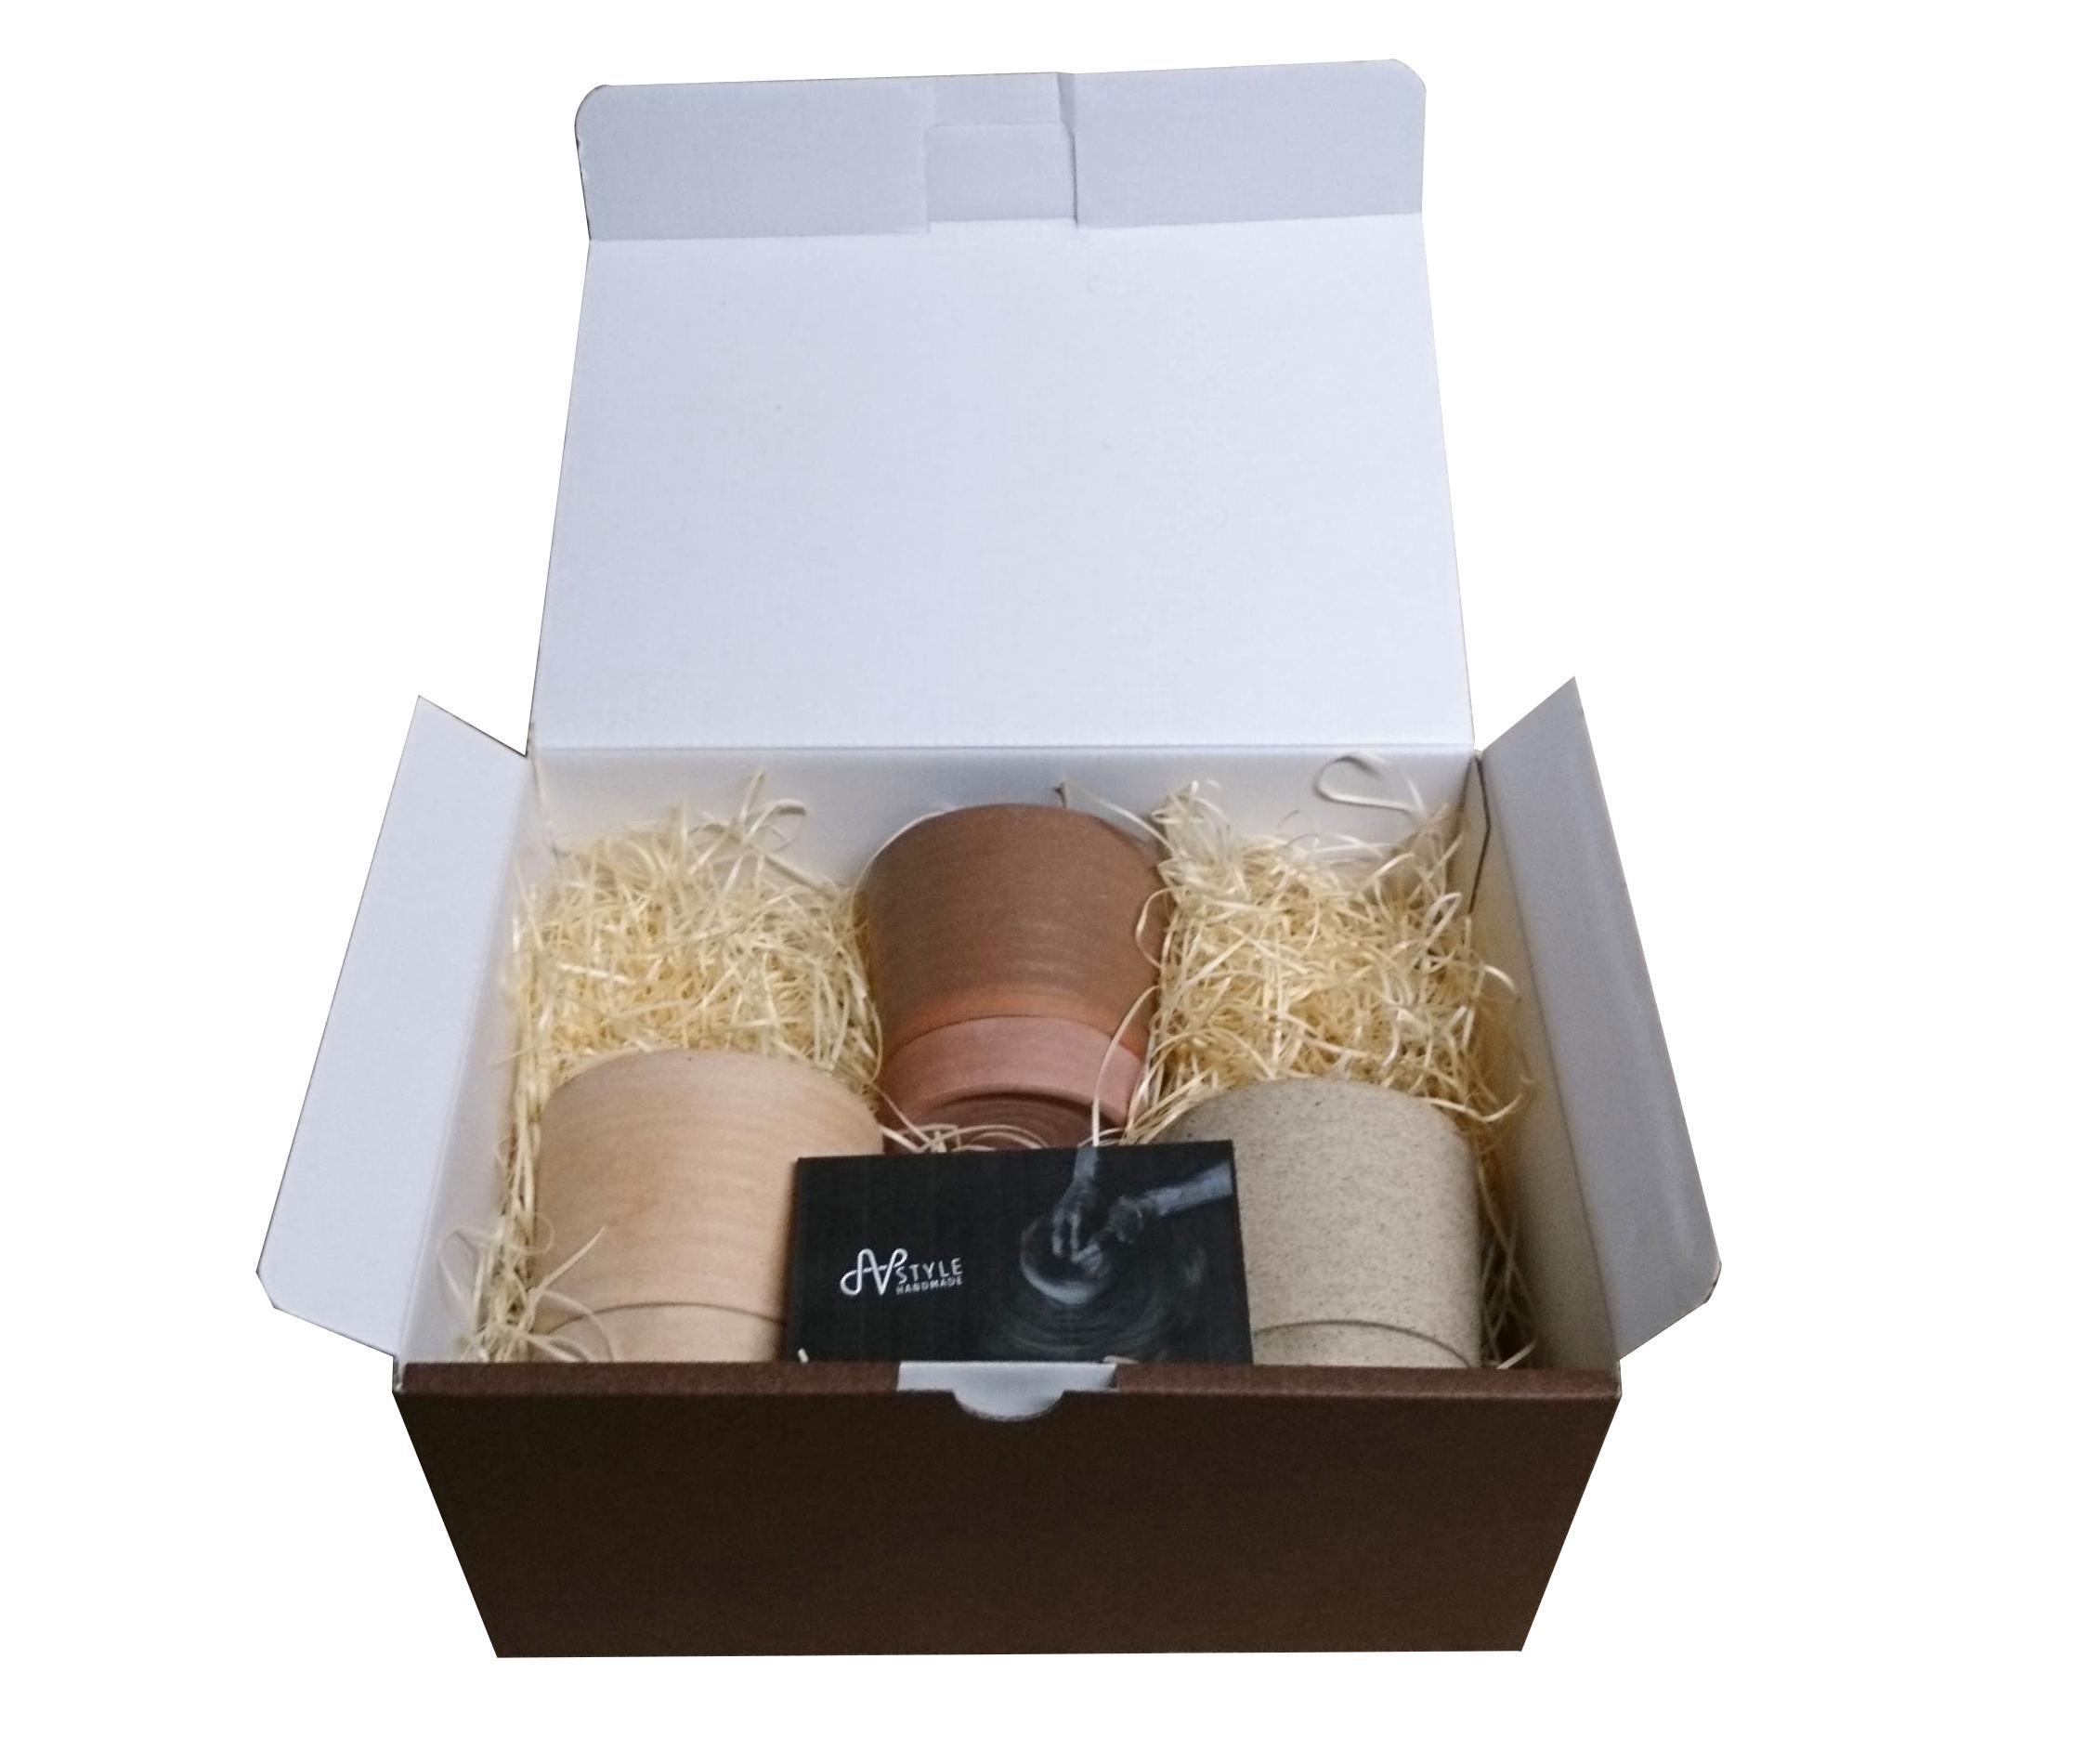 「バッチャン焼き窯元」アンダオ村ろくろ成形 受け皿一体型陶器鉢「ハーモニー」2.5号鉢 3色ギフトセット